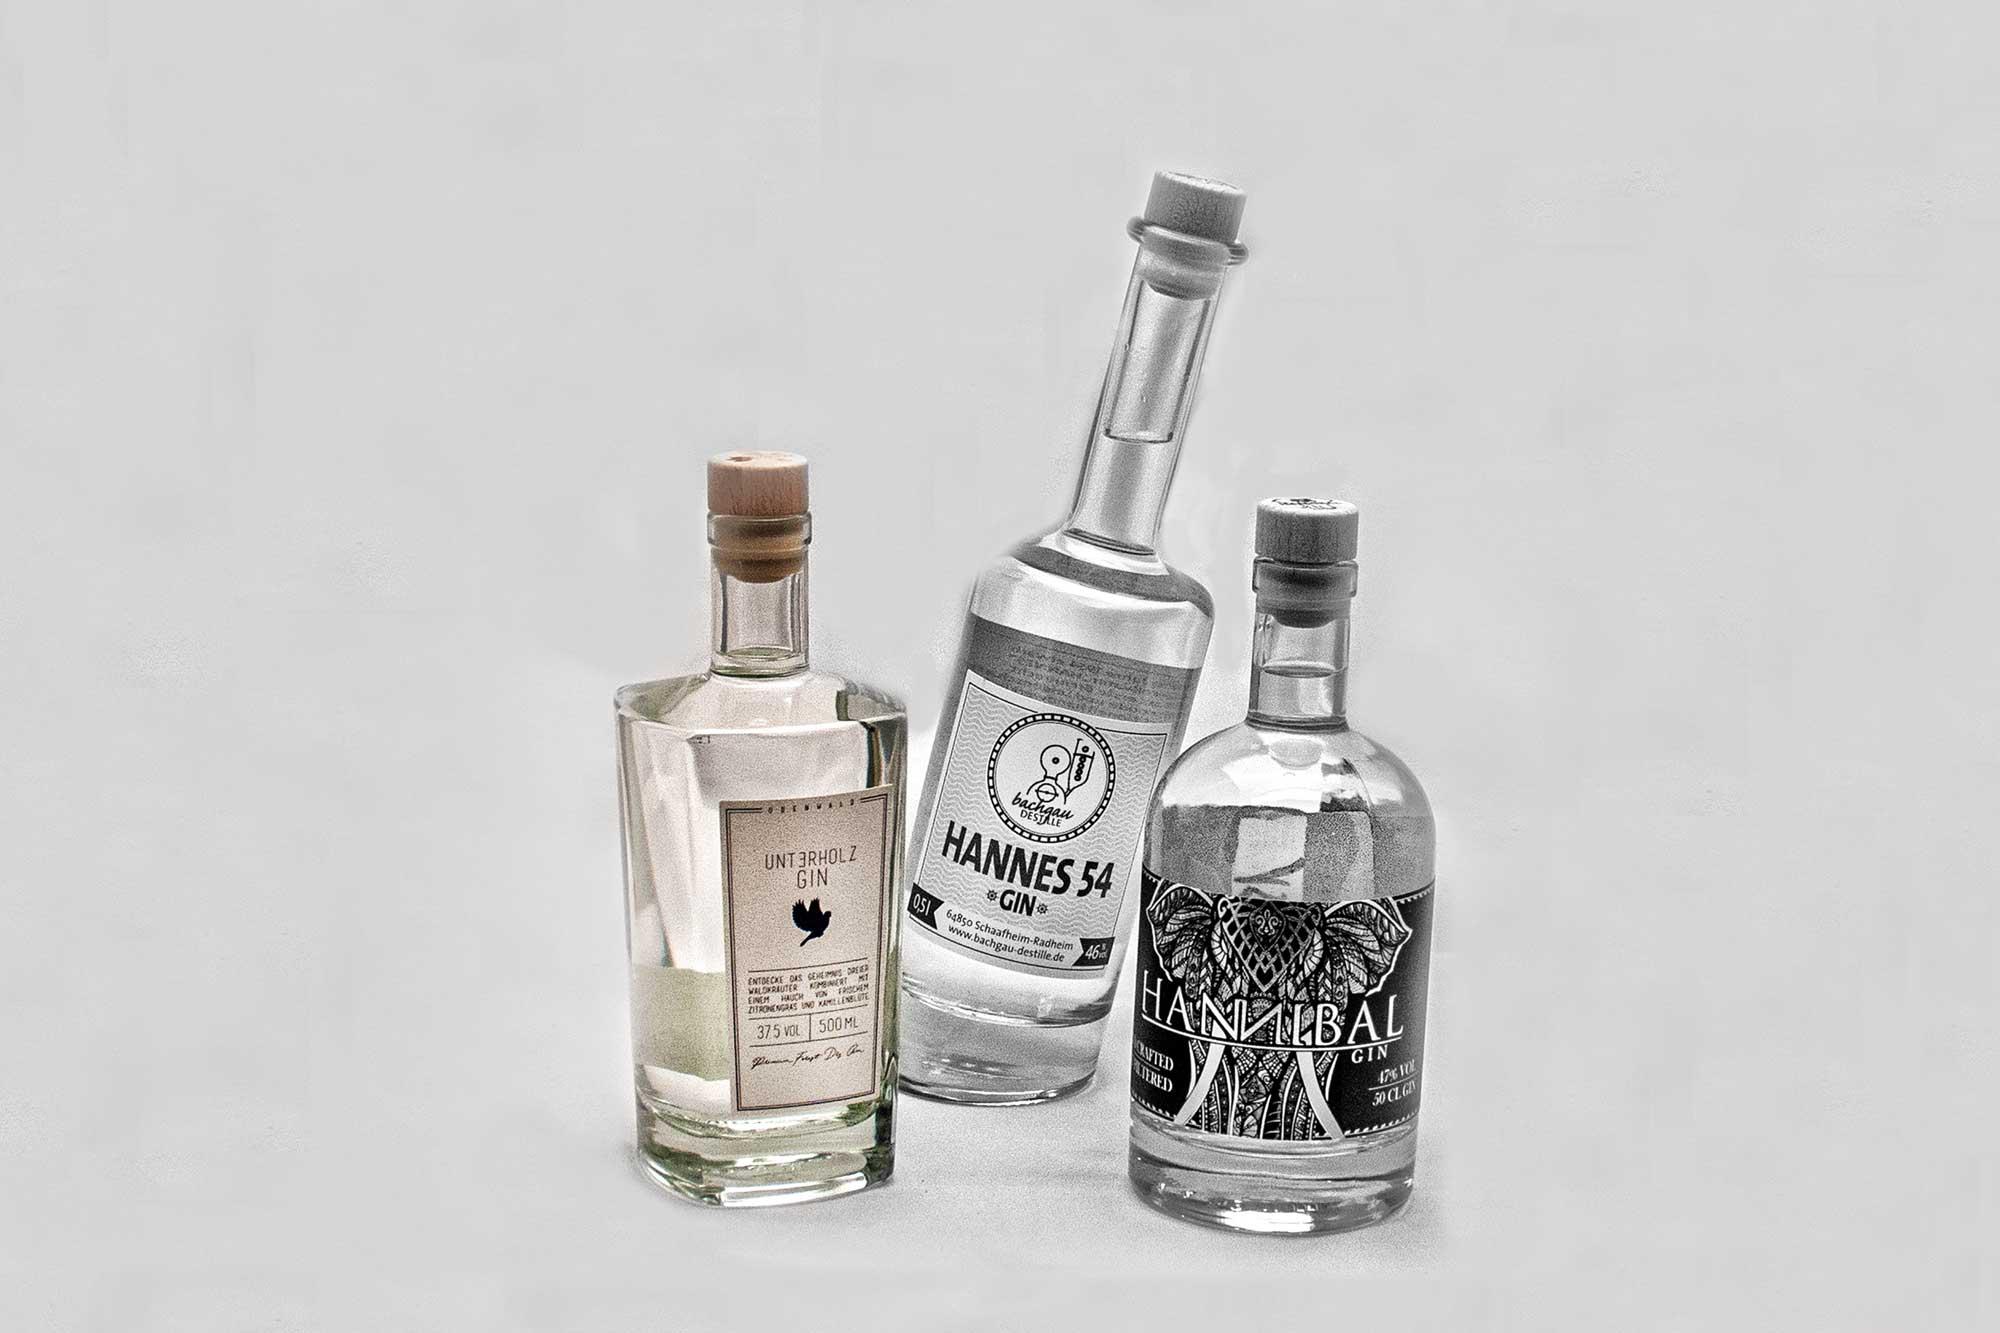 Gin-Tasting im Labsal: regionale Gin-Marken aus Südhessen: Unterholz , Hannes 54, Hannibal